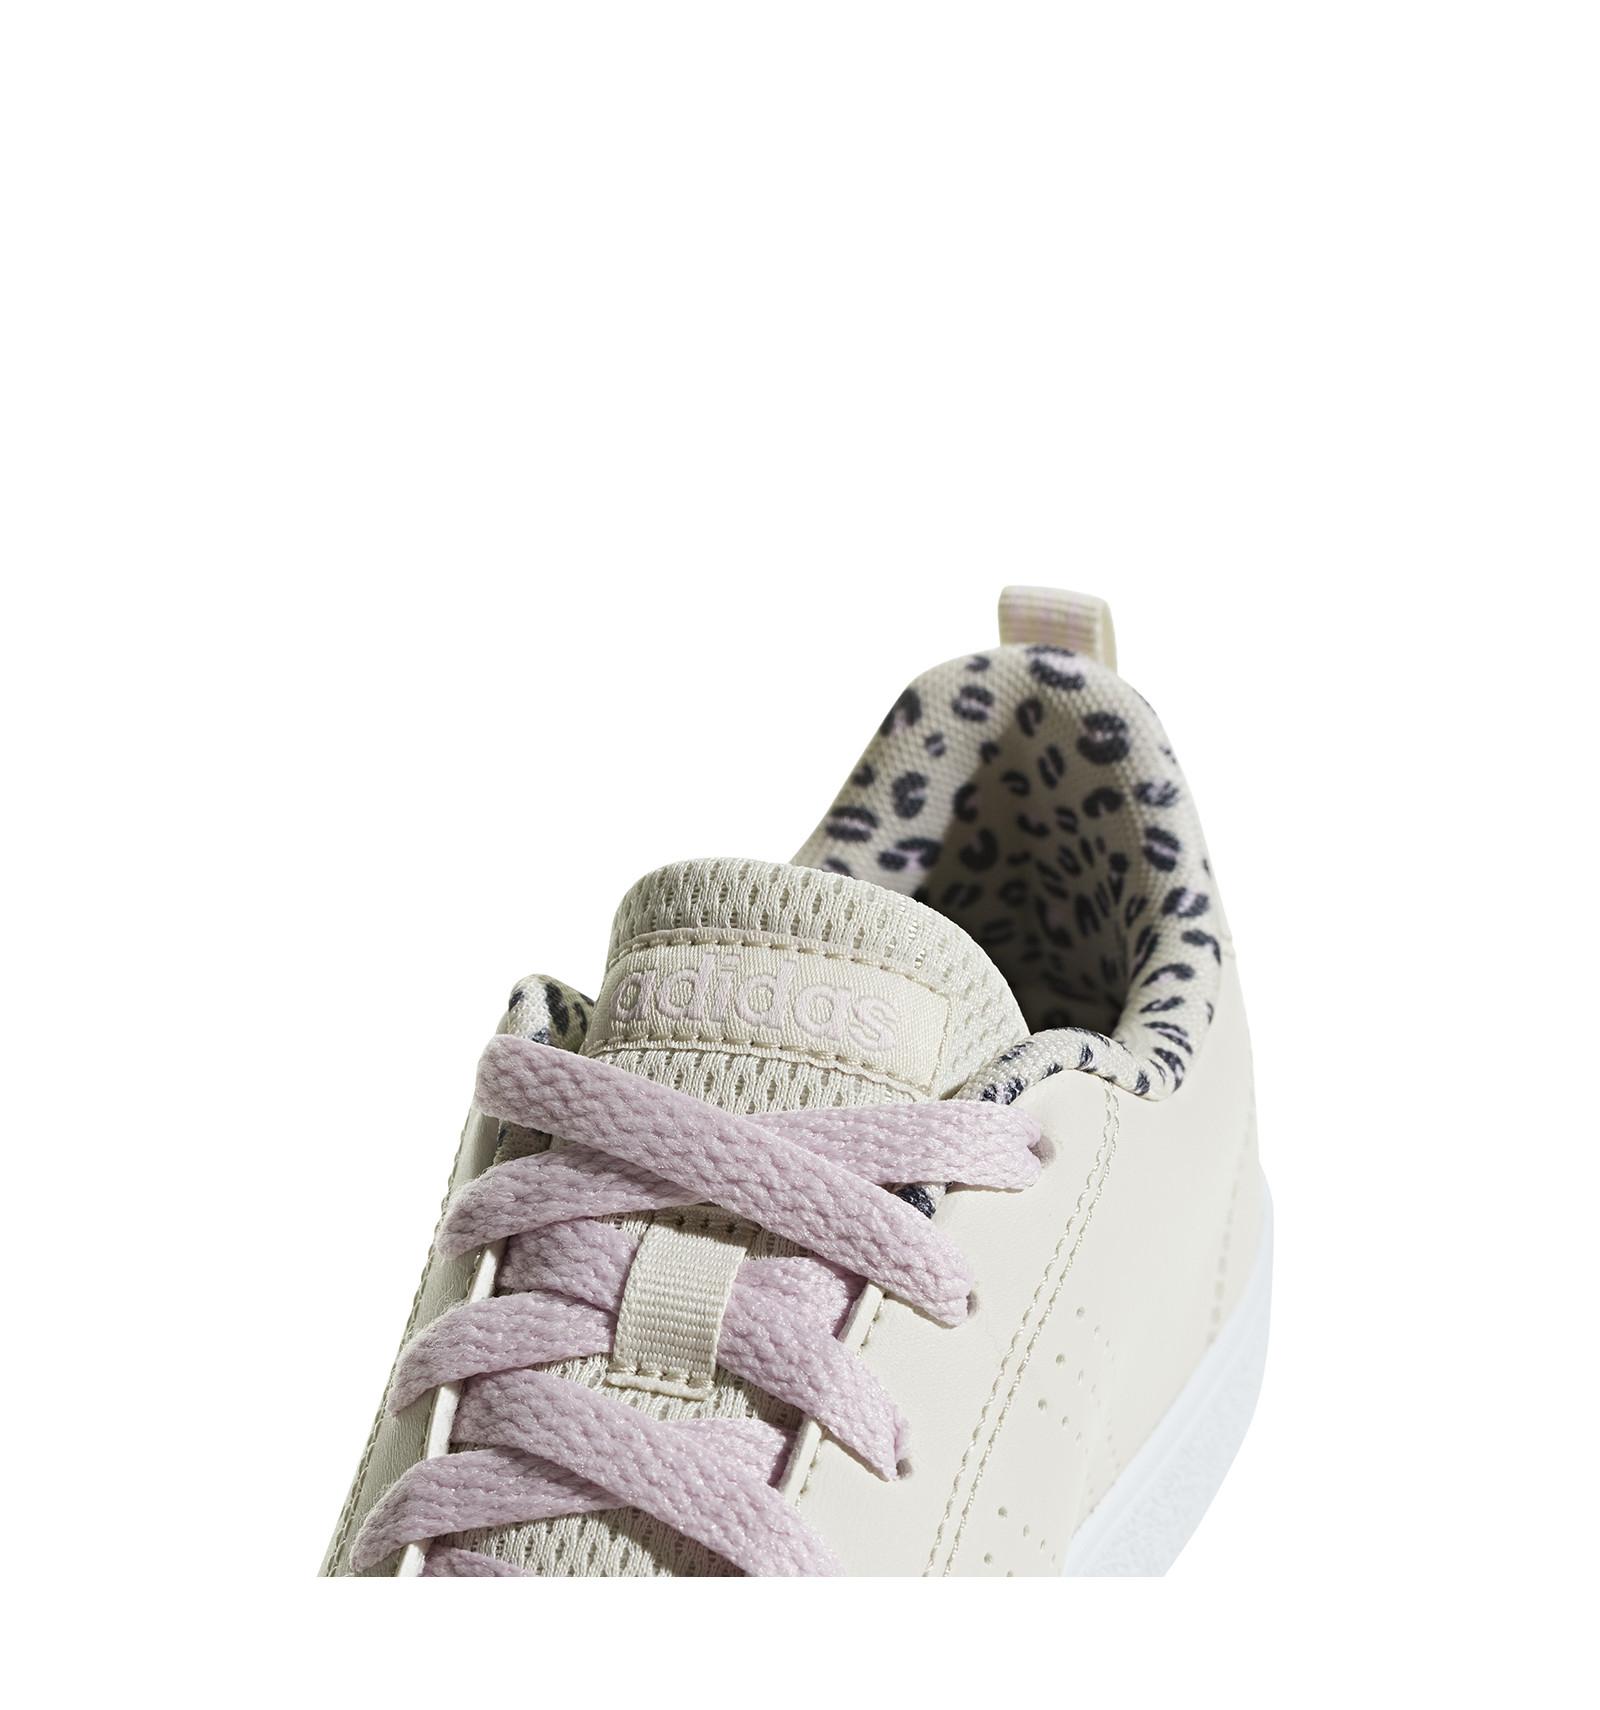 Adidas Zapatillas adidas casual mujer VS Advantage Clean